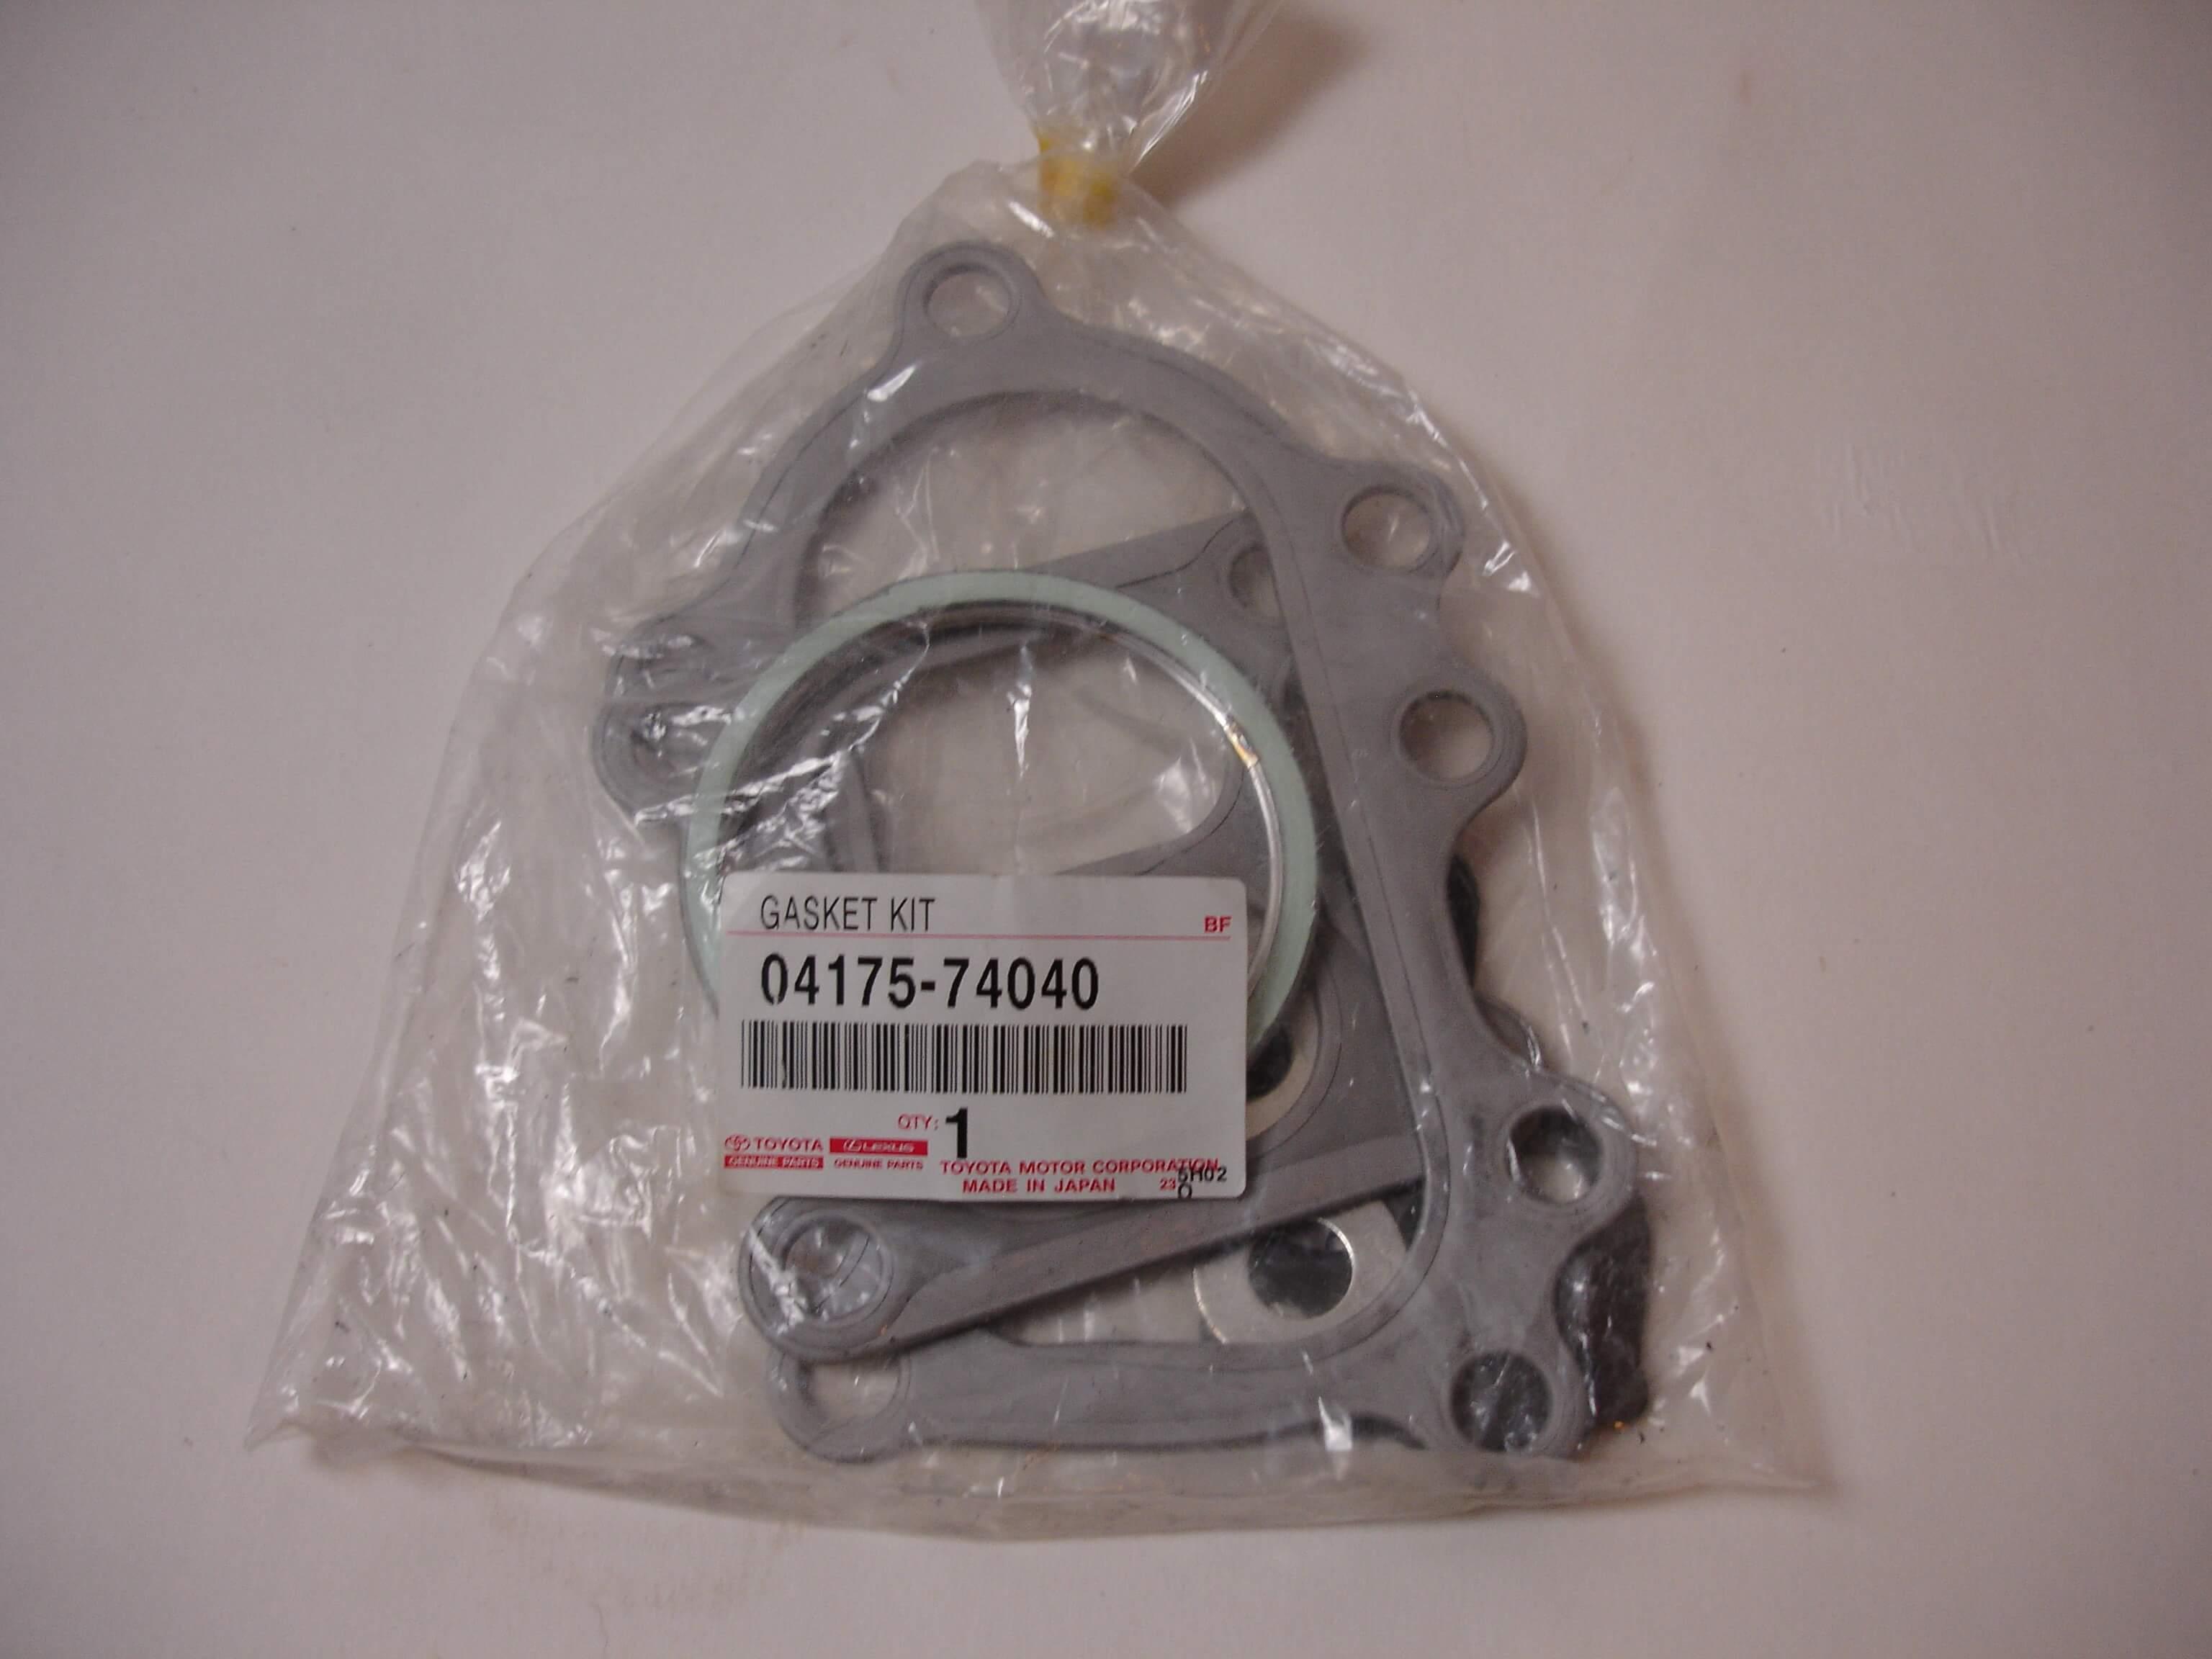 Toyota OEM 3S-GTE Turbocharger Gasket Kit 04175-74040 GEN3 MR2 SW20 ST205